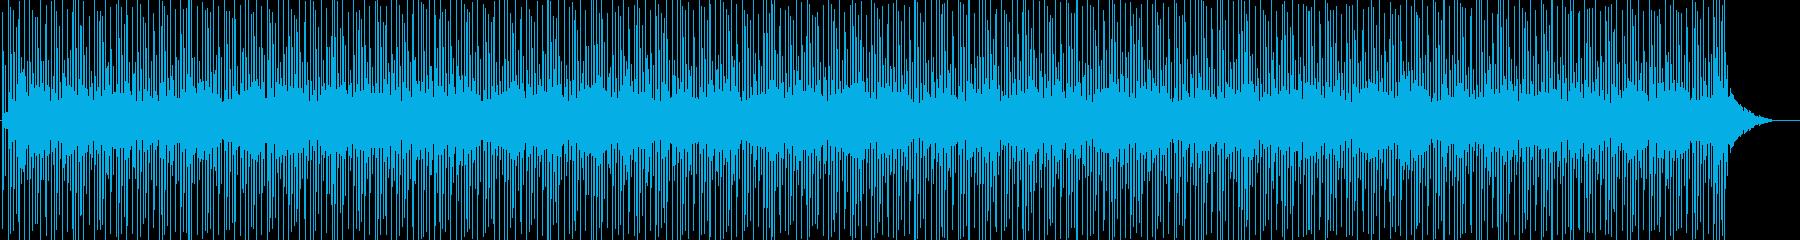 カワイイ系リズムパターンの再生済みの波形